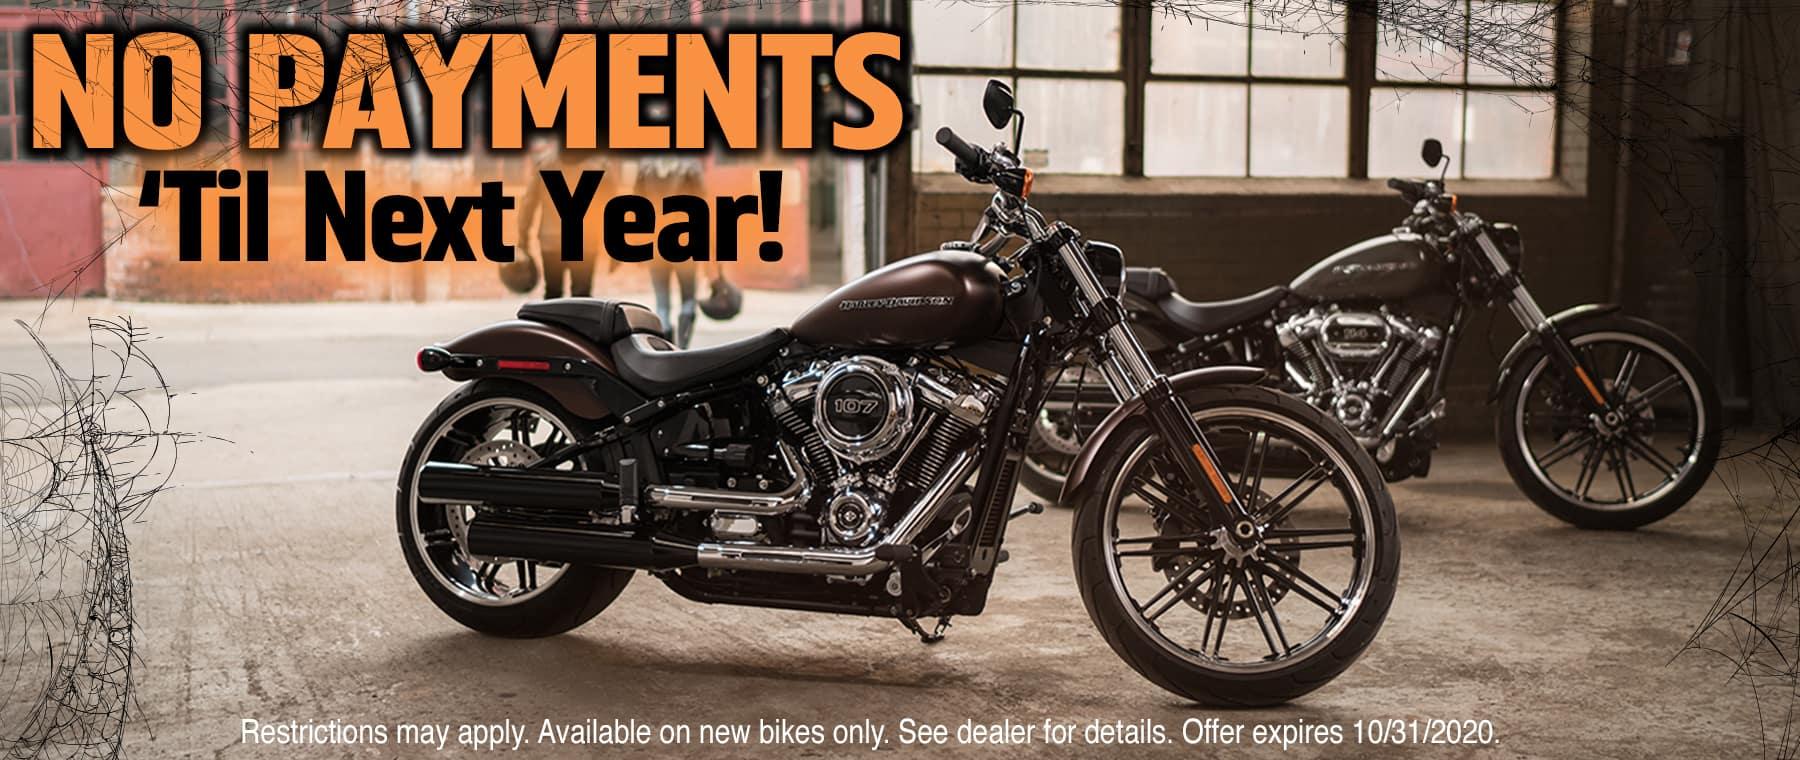 No Payments Until Next Year at Lakeland Harley-Davidson